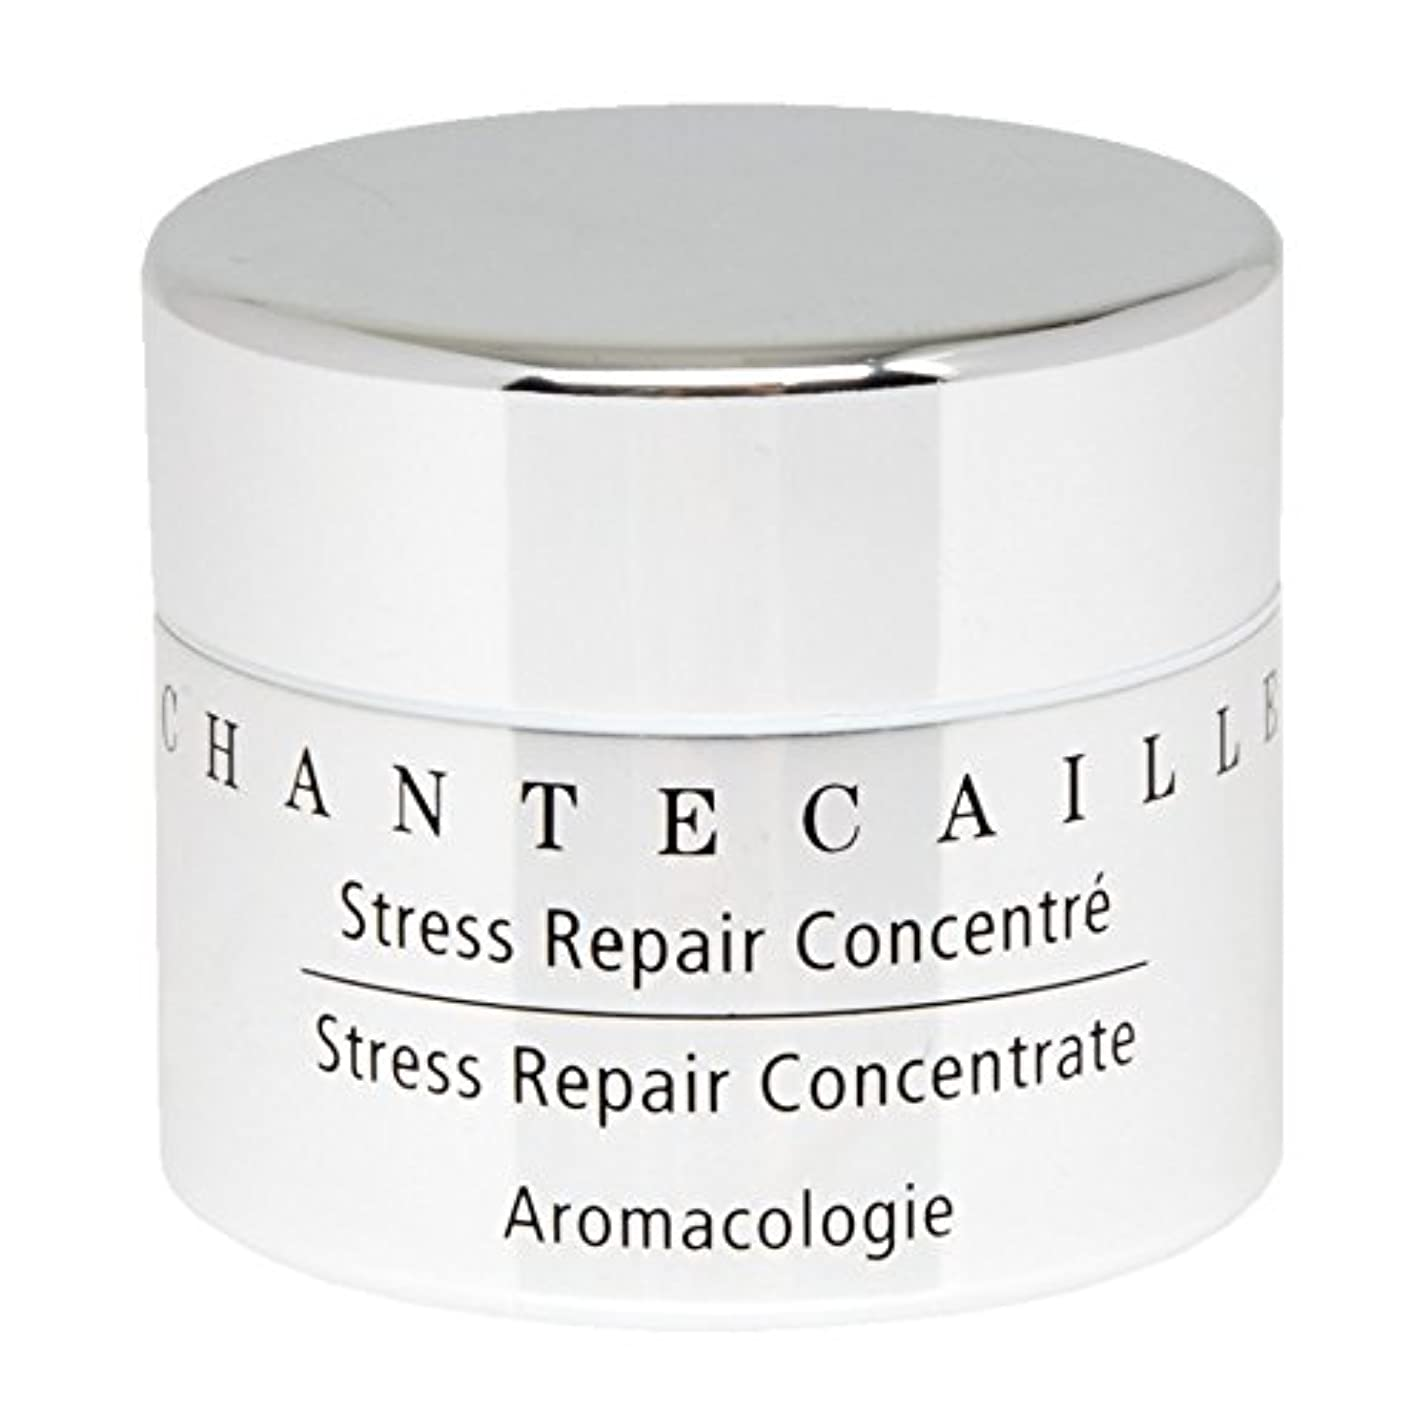 民兵者コーナーChantecaille Stress Repair Concentrate 15ml - シャンテカイユストレス修復濃縮15ミリリットル [並行輸入品]